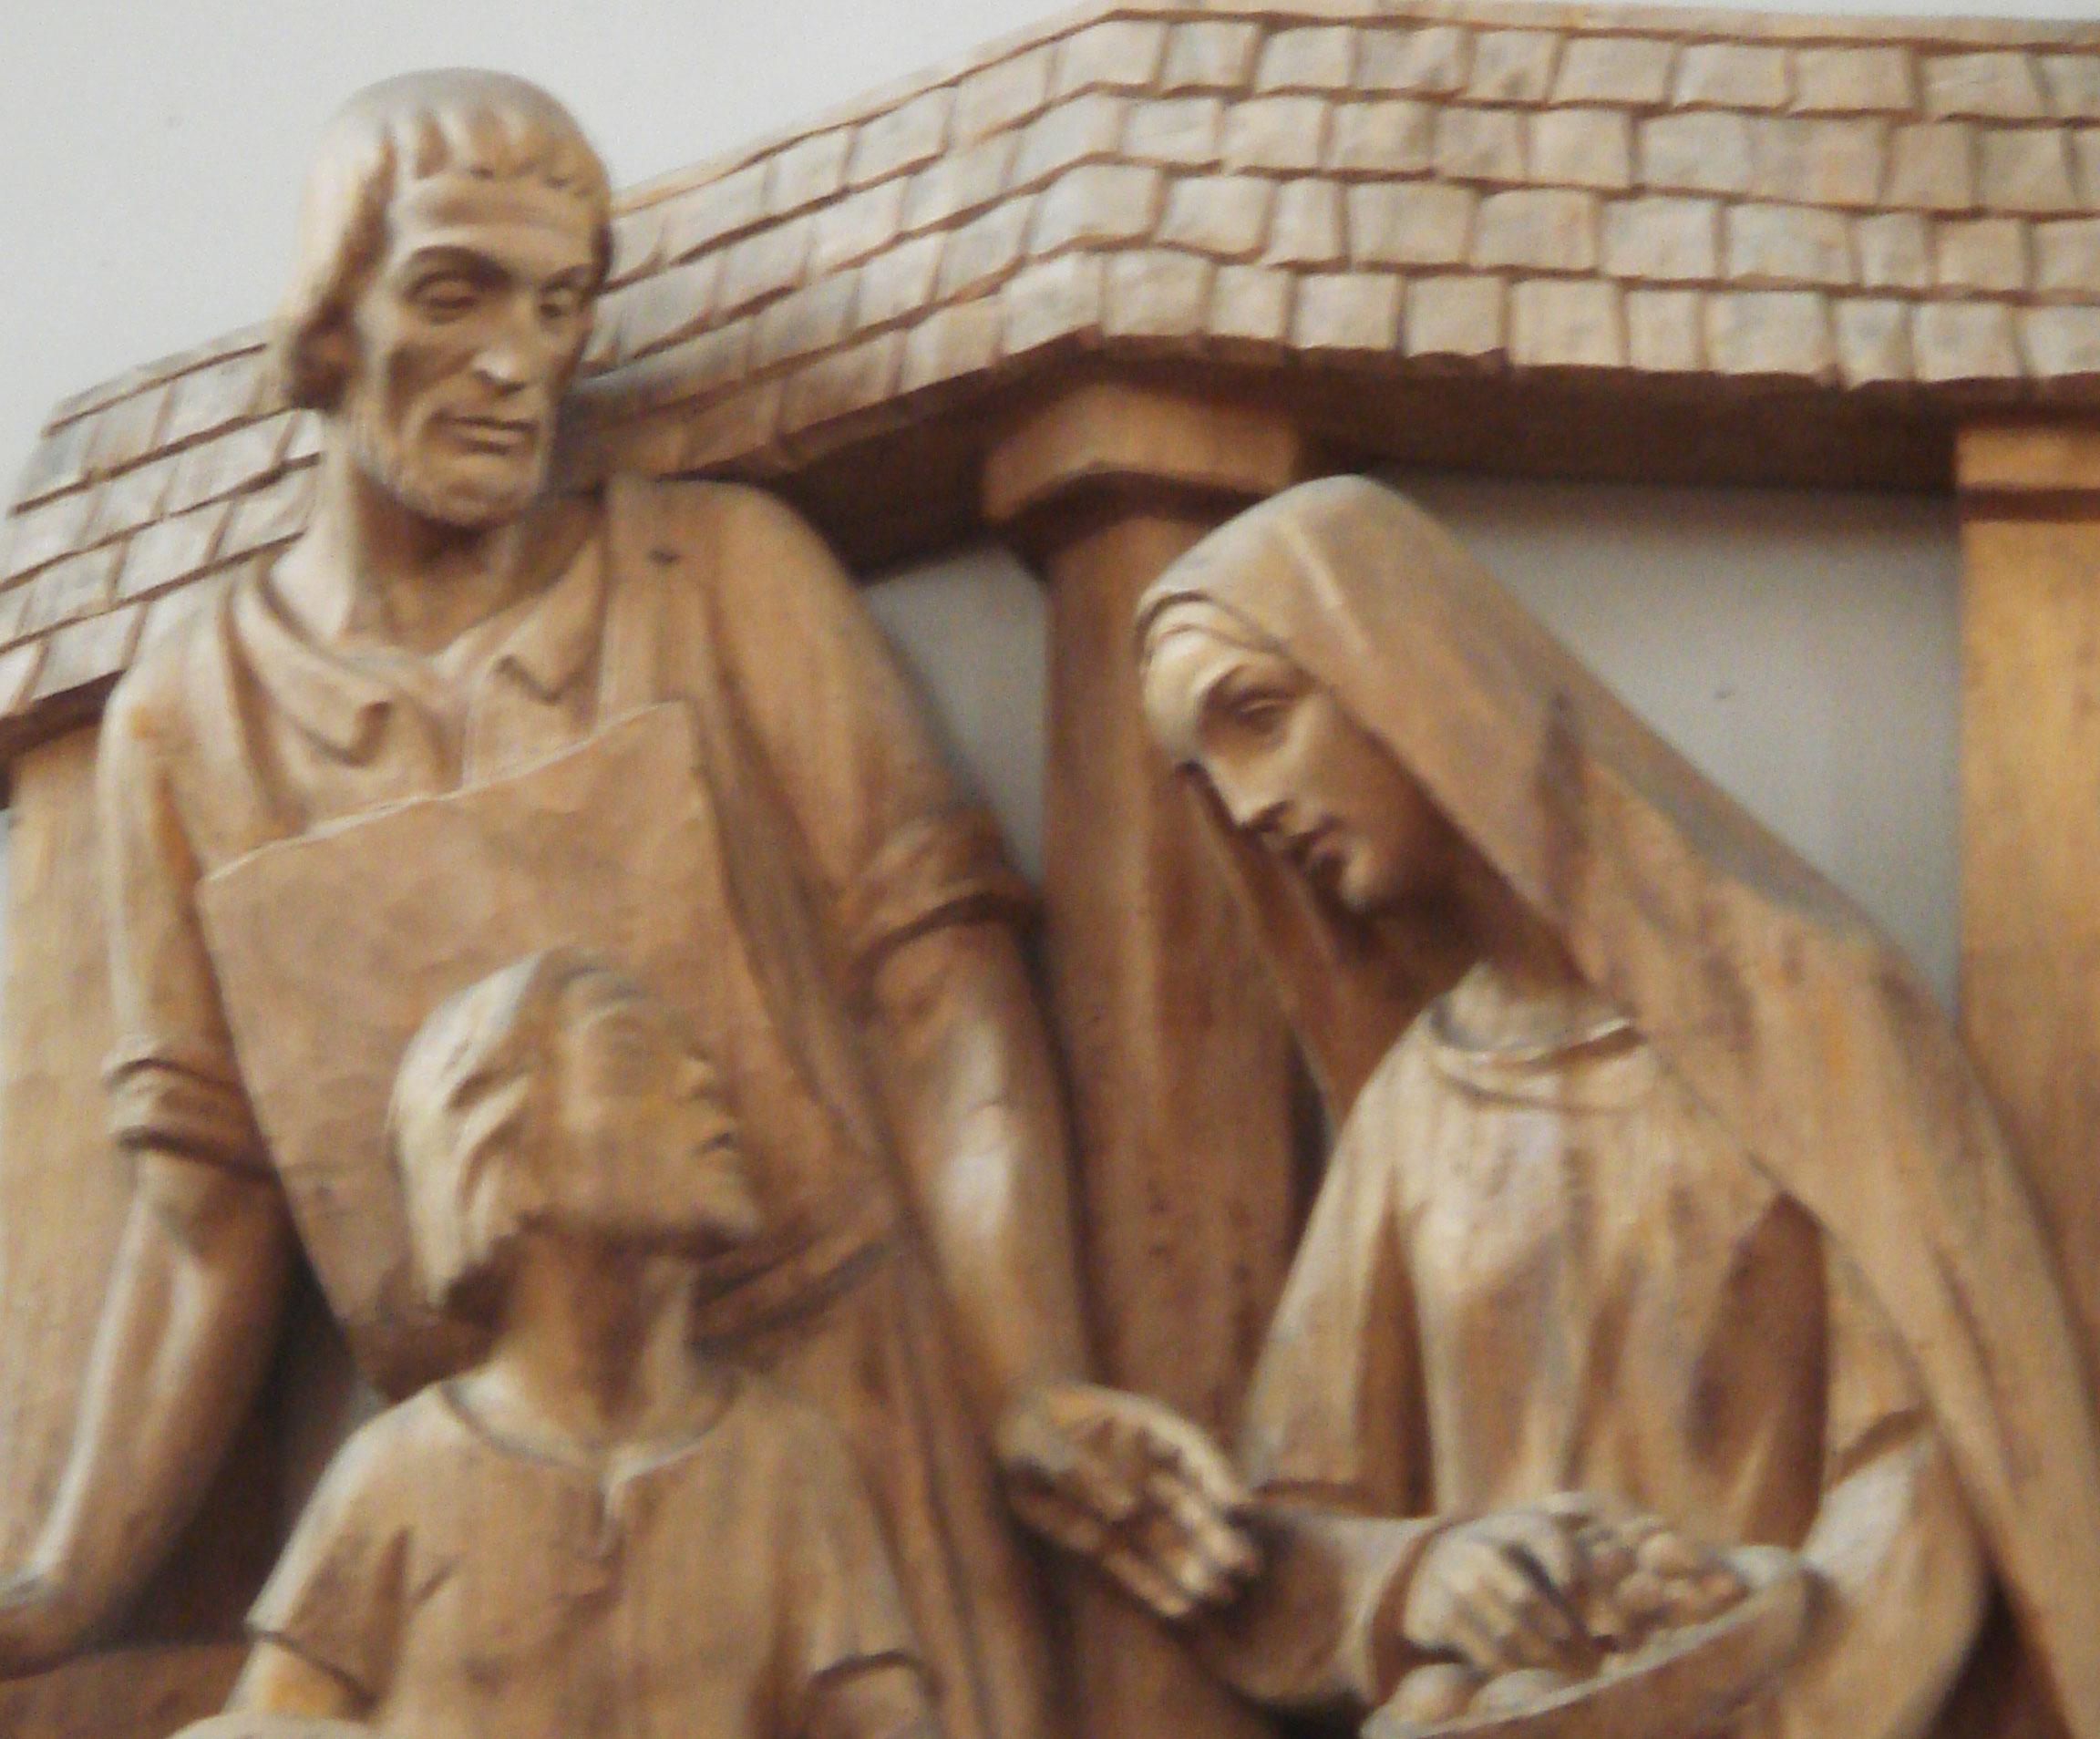 Holzrelief Joseph Jesus Maria - St. Maria Kaiserslautern